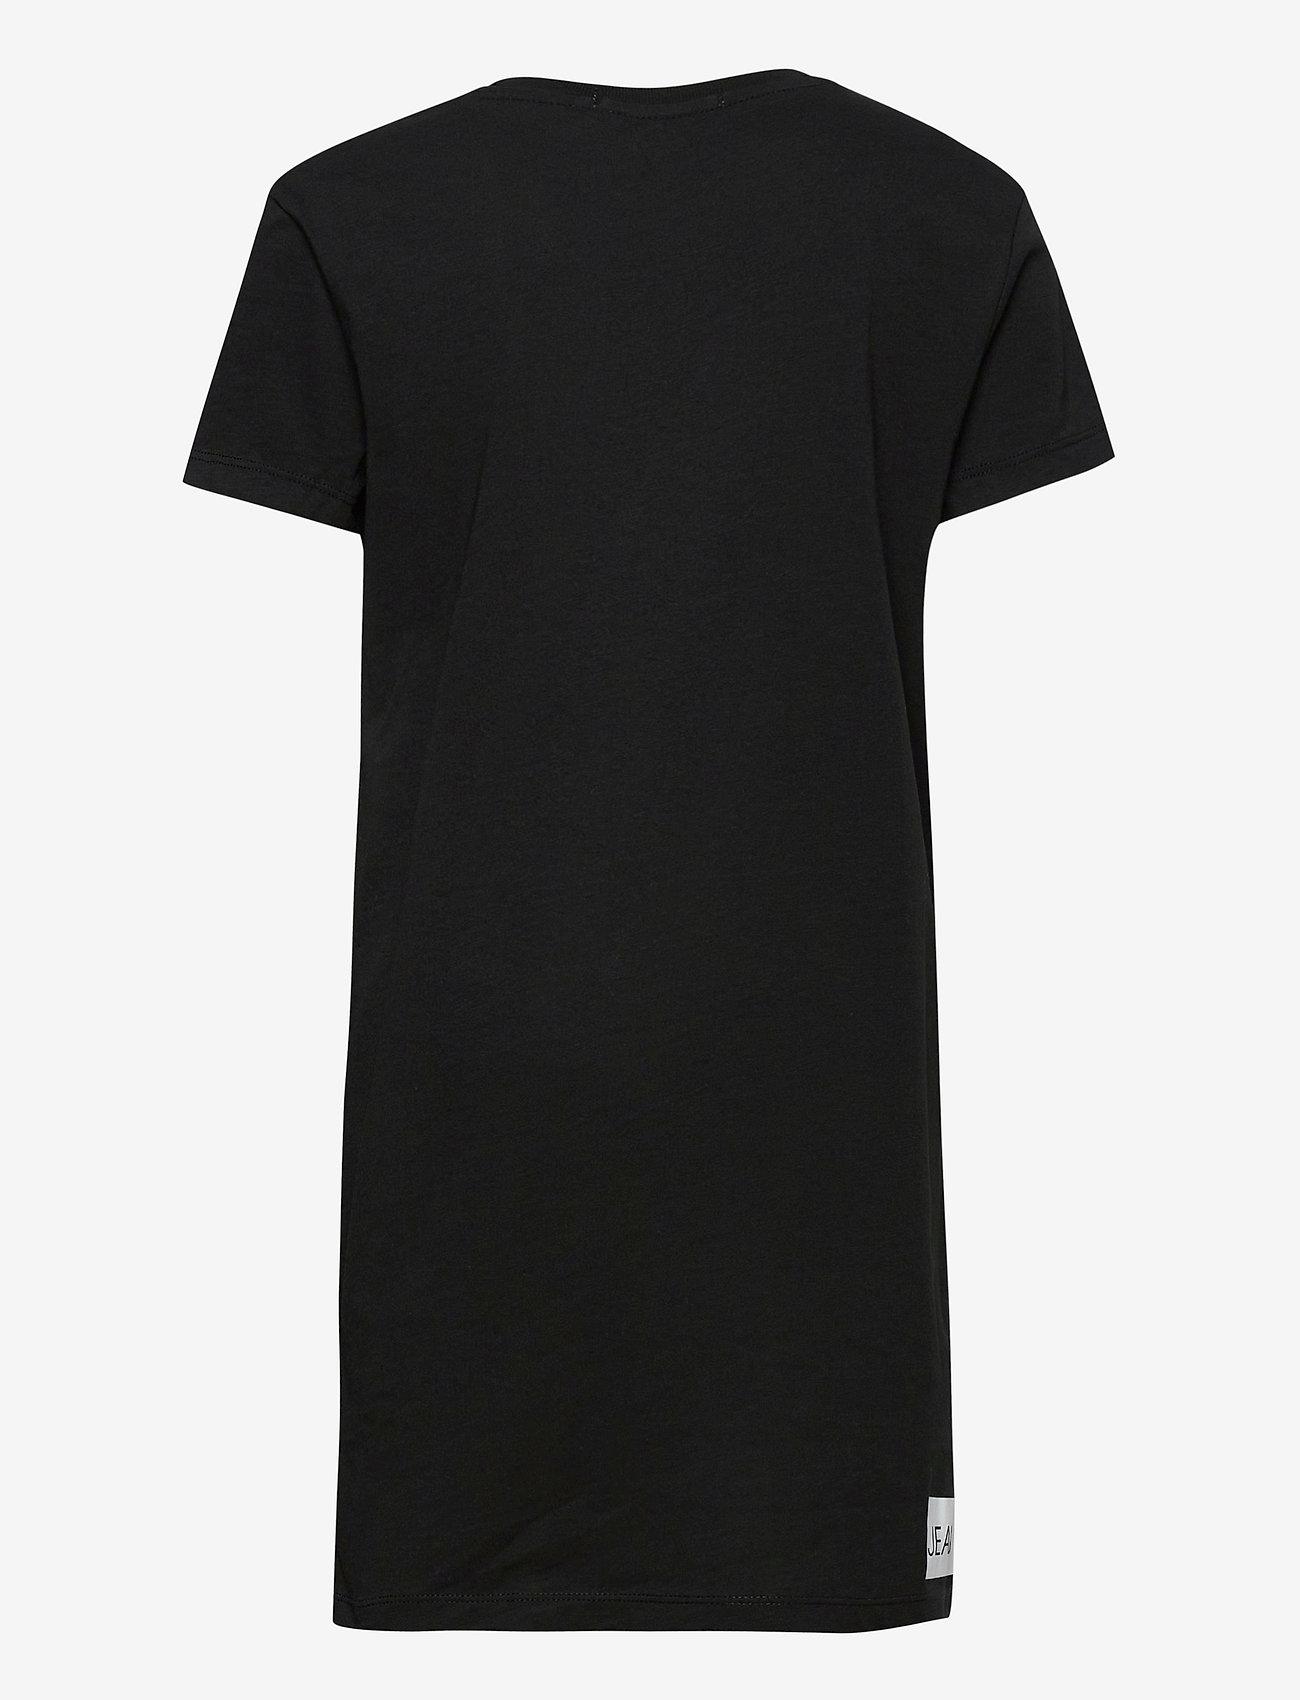 Calvin Klein - INSTITUTIONAL SS T-S - kleider - ck black - 1